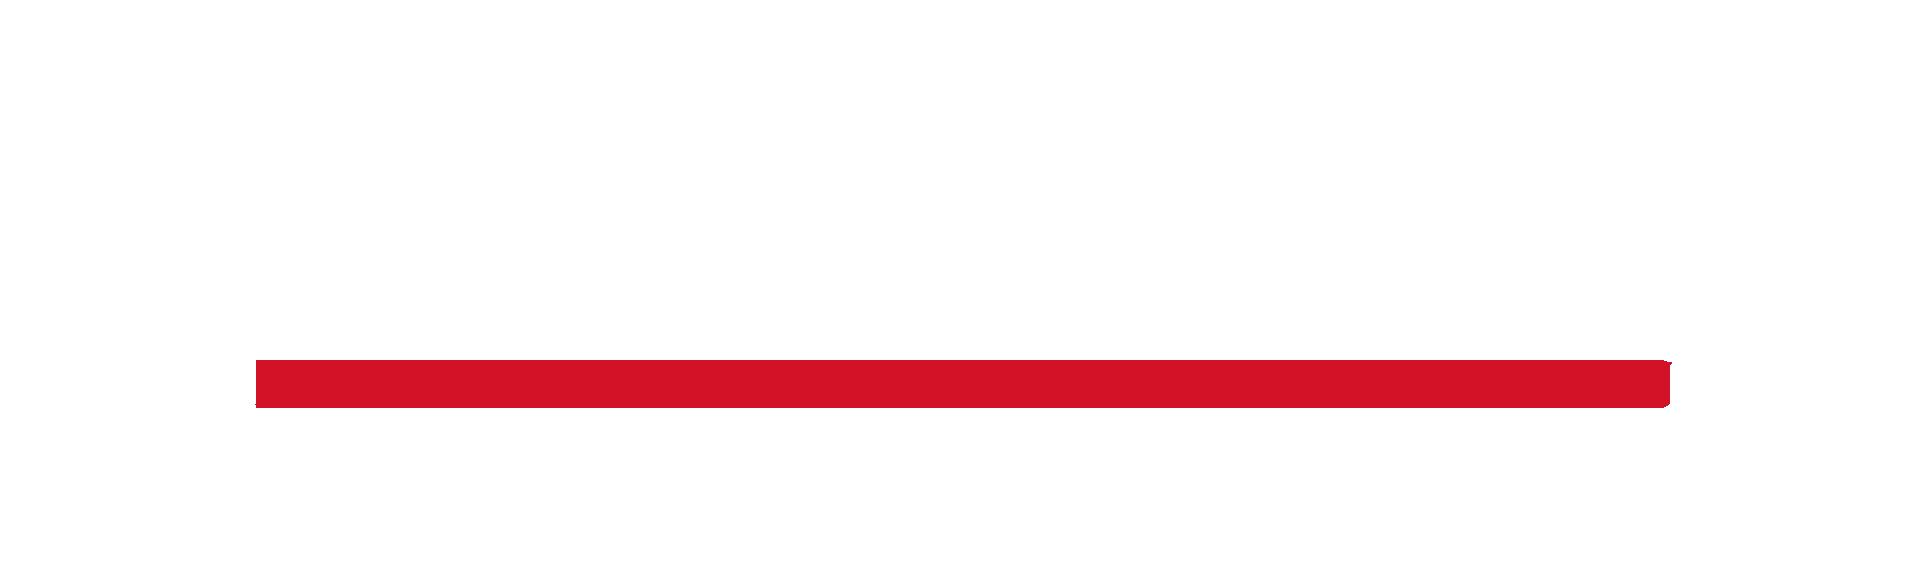 井冈山市红色文化培训中心之底部背景图